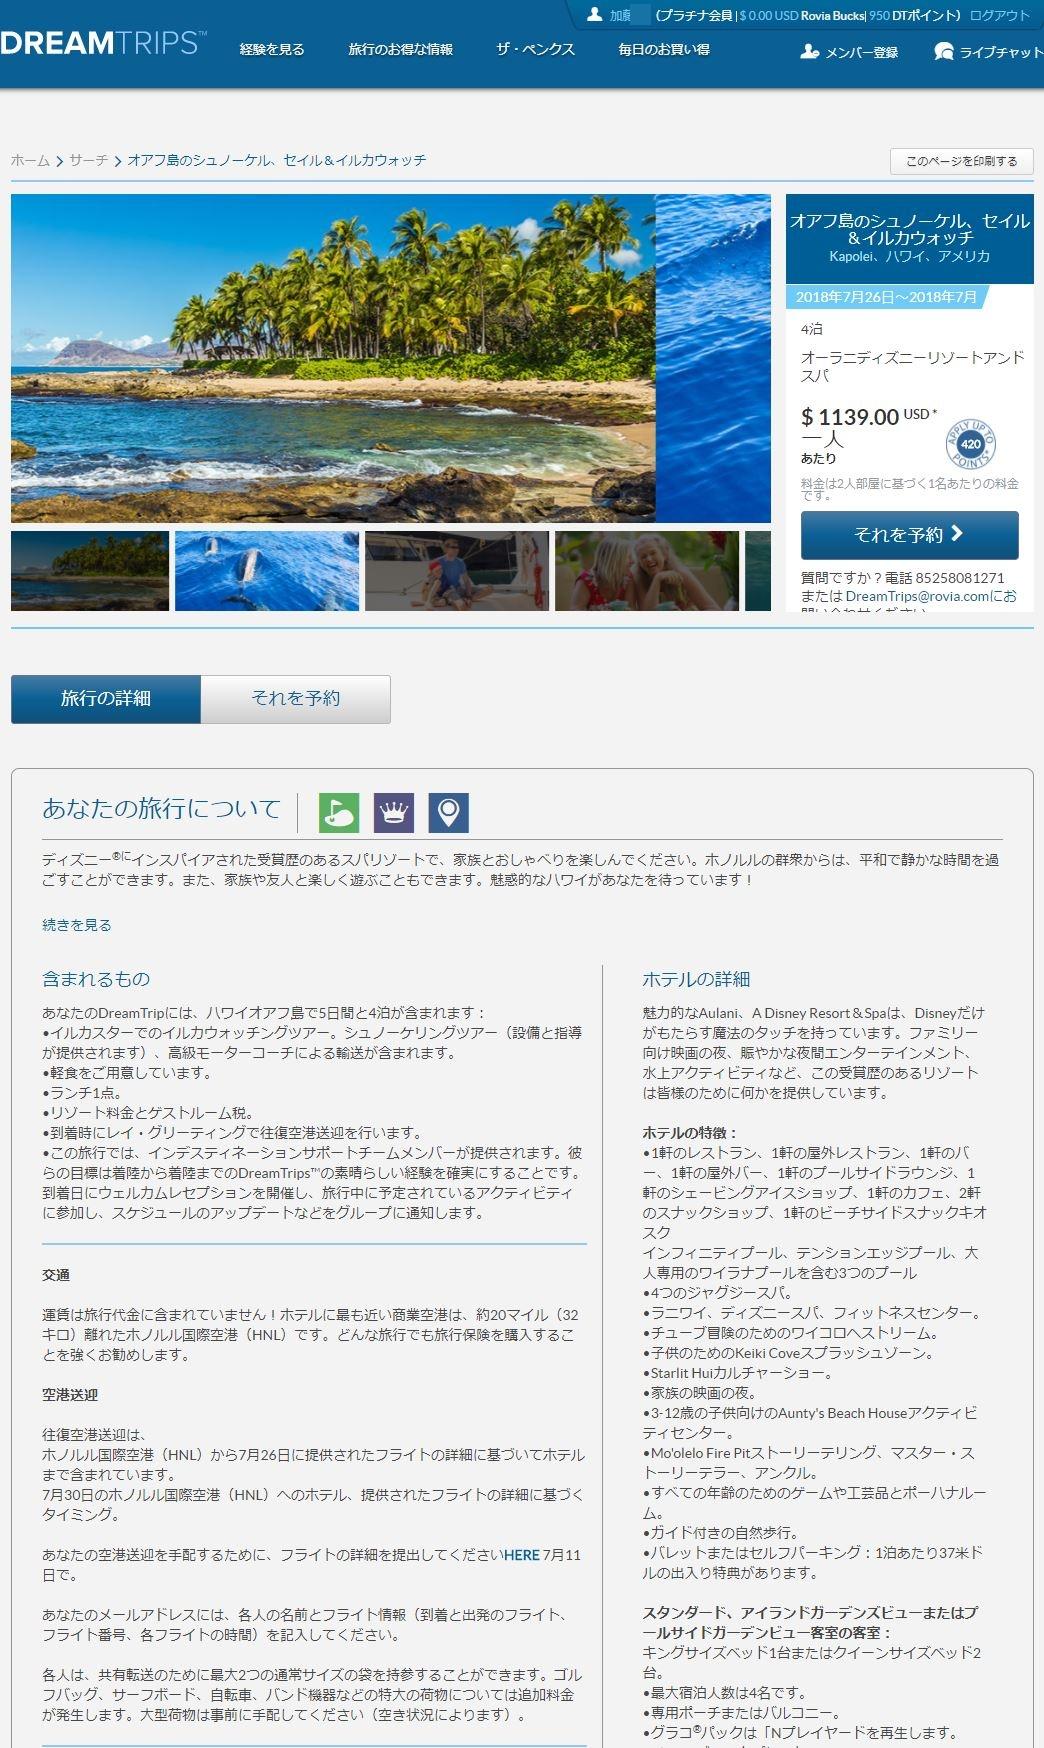 ワールドベンチャーズのドリームトリップス旅行プラン_オアフ島オーラニディズニーリゾートアンドスパ4泊